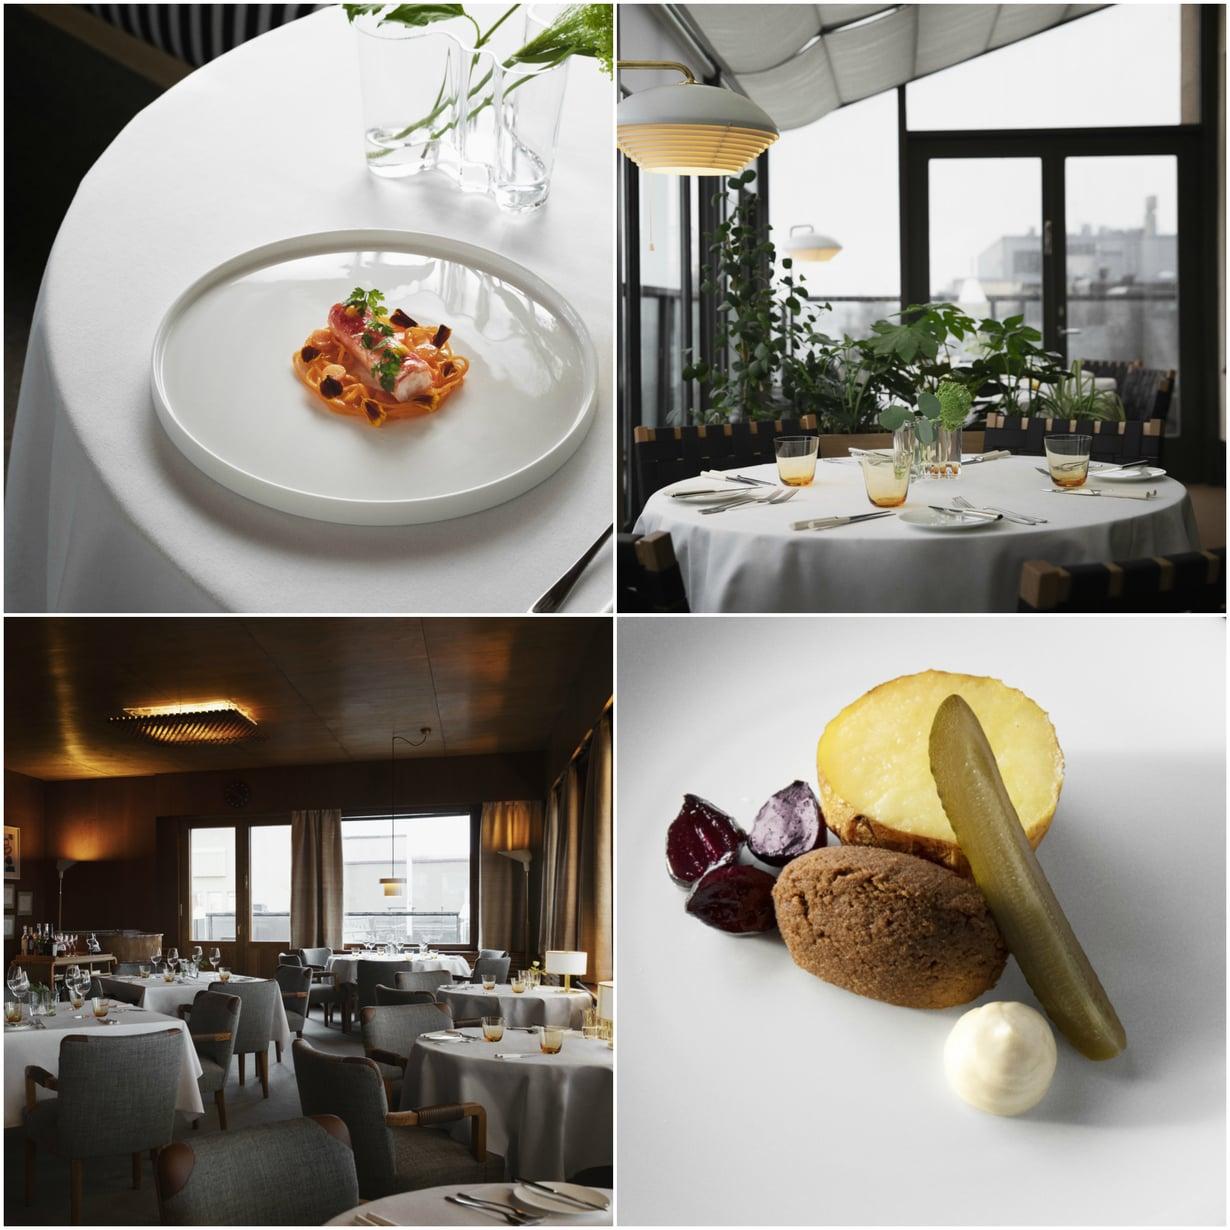 Savoyn ravintolasali on Helsingin kaupunginmuseon suojelema. Ruokalista noudattaa suomalais-ranskalaista linjaa.